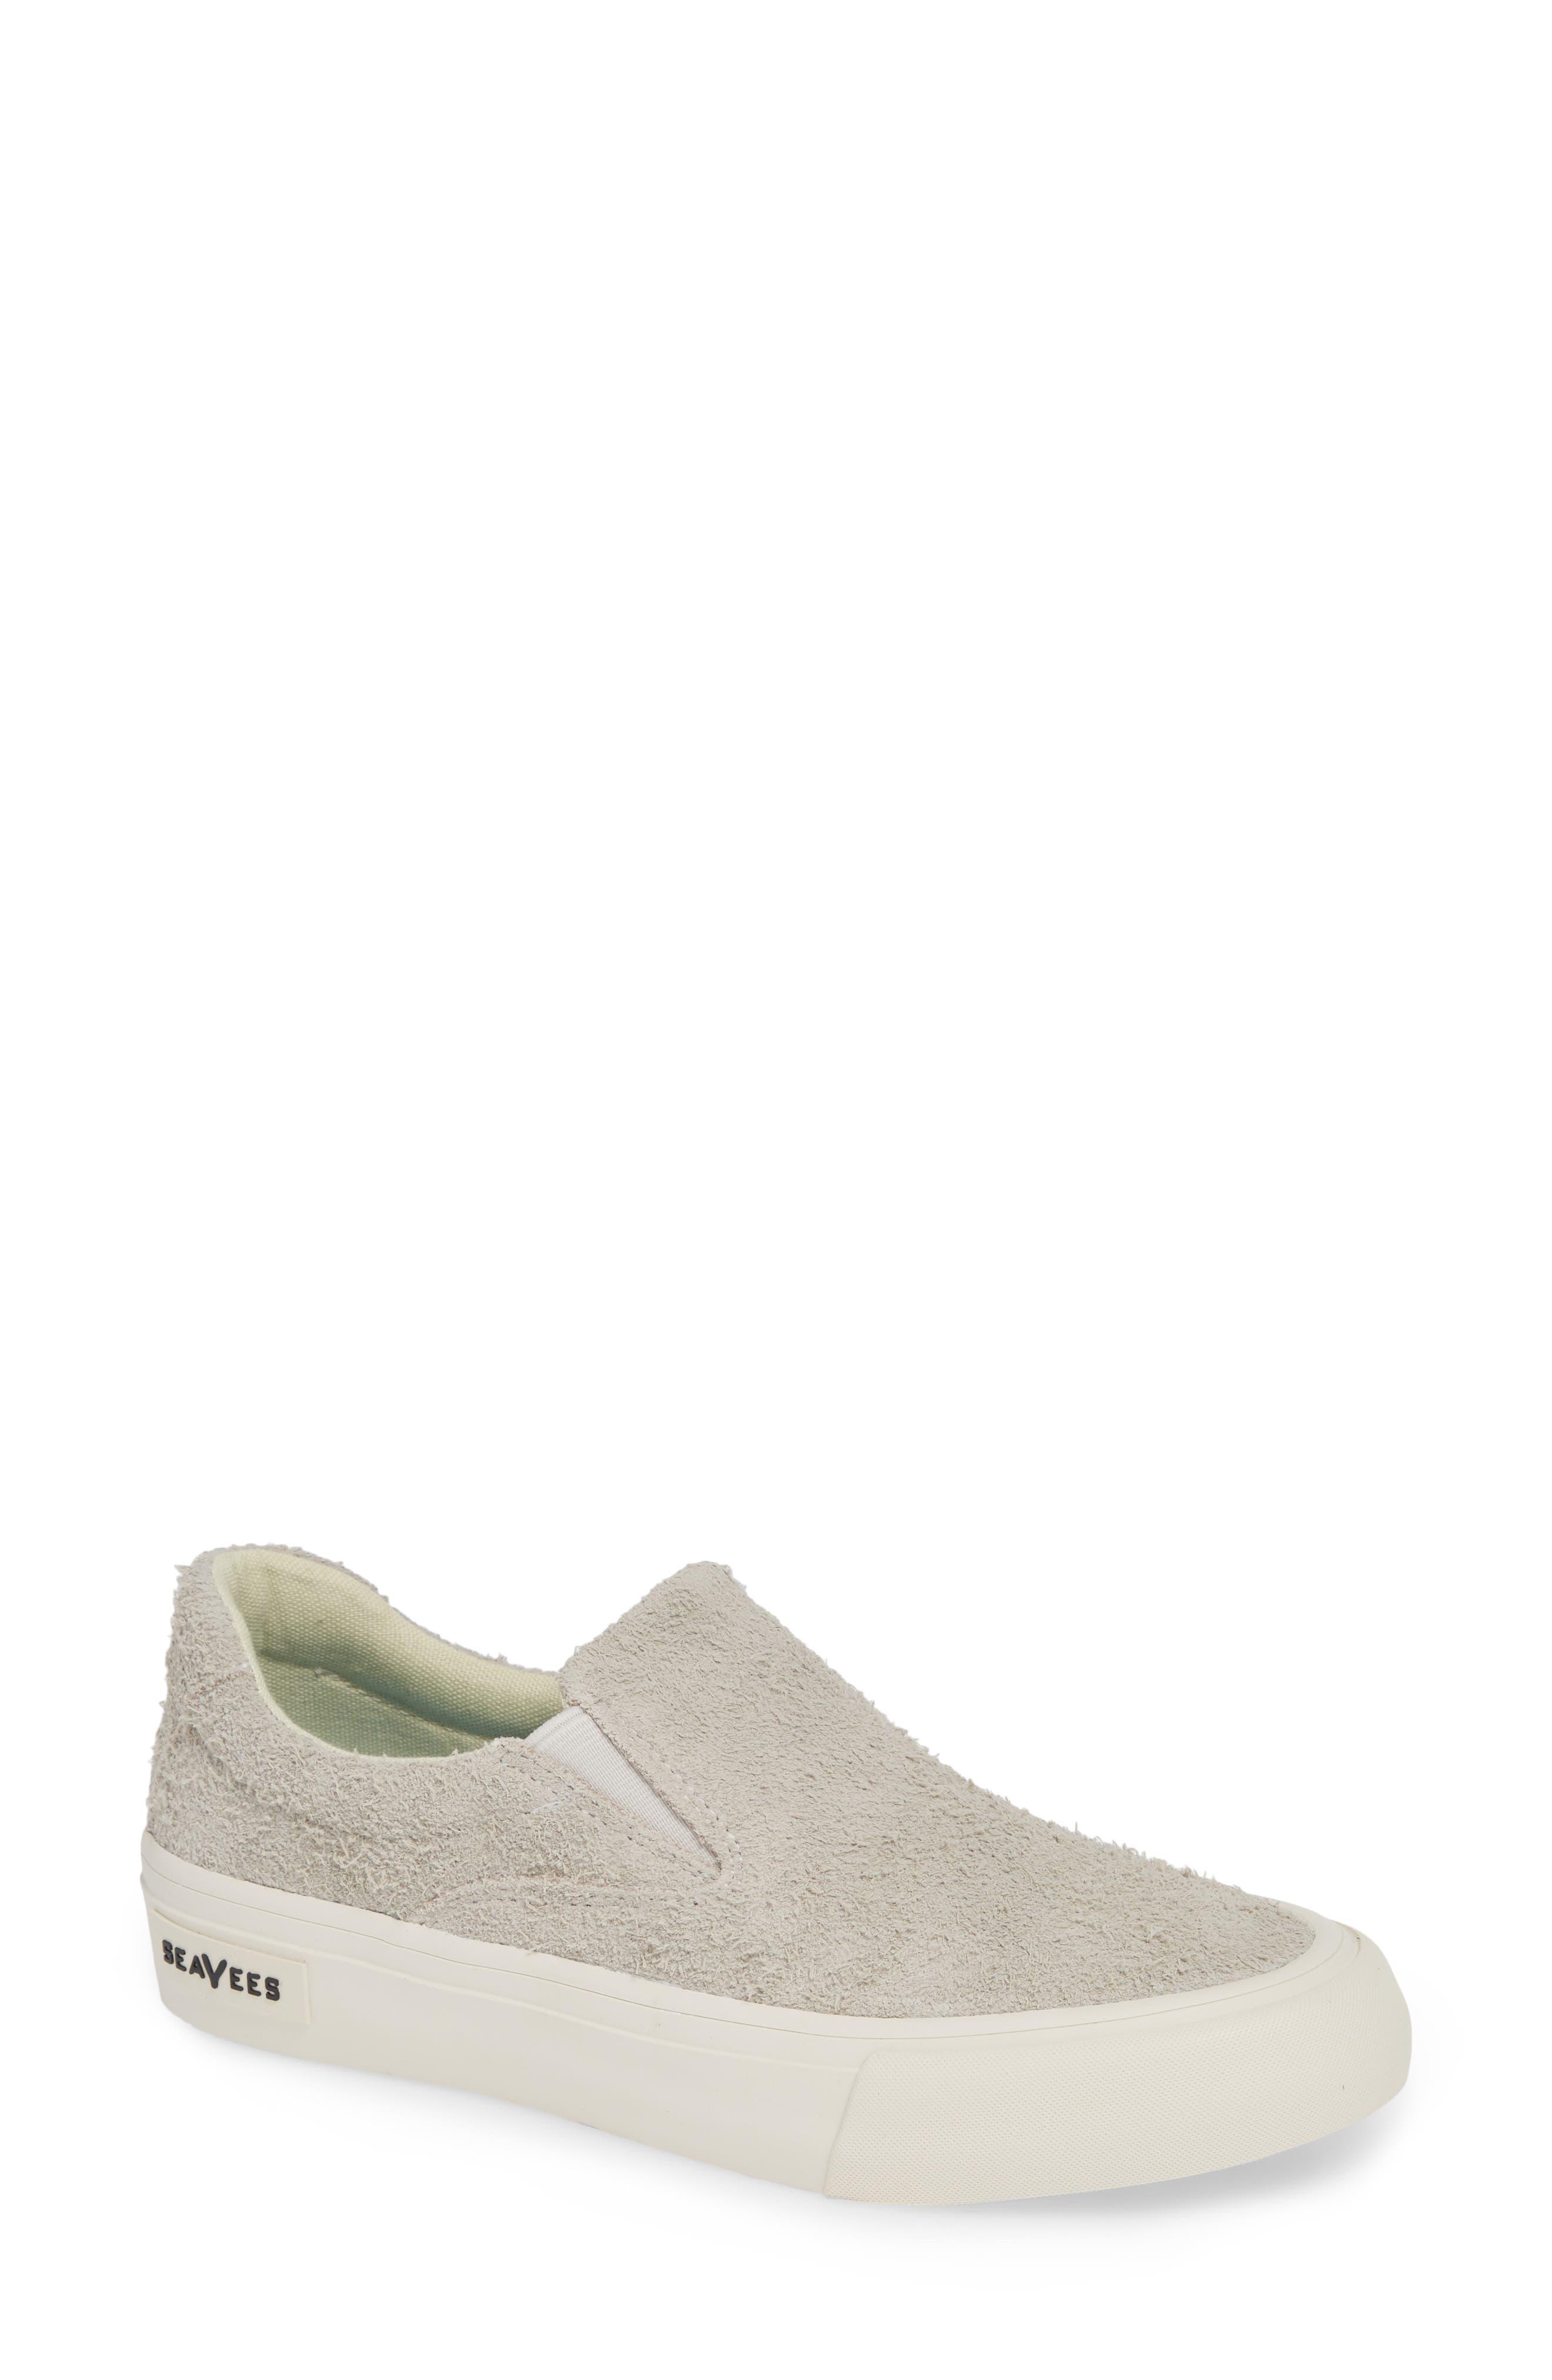 SEAVEES Hawthorne Slip-On Sneaker in Ecru